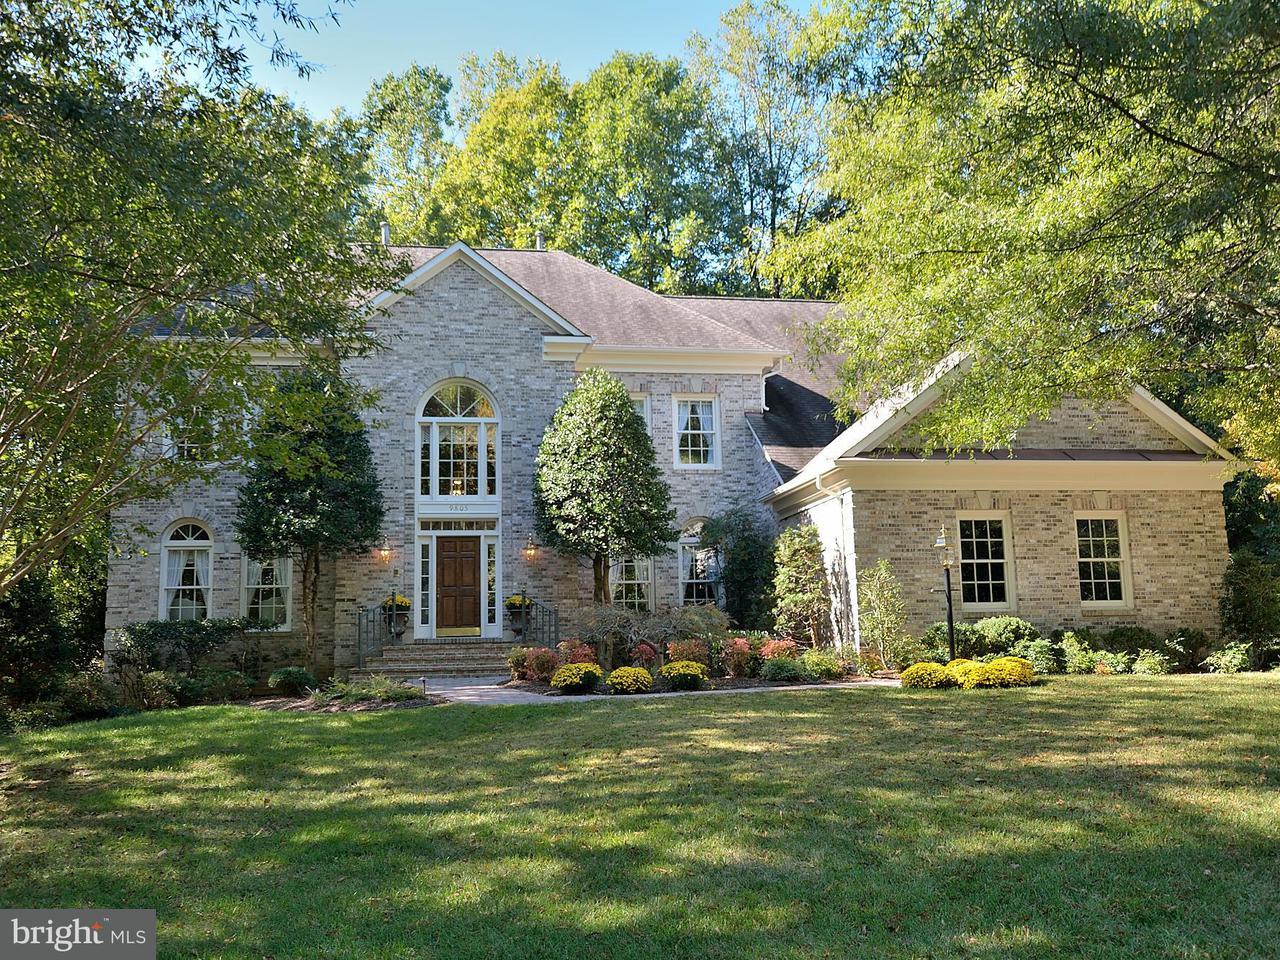 獨棟家庭住宅 為 出售 在 9805 PORTSIDE Drive 9805 PORTSIDE Drive Burke, 弗吉尼亞州 22015 美國